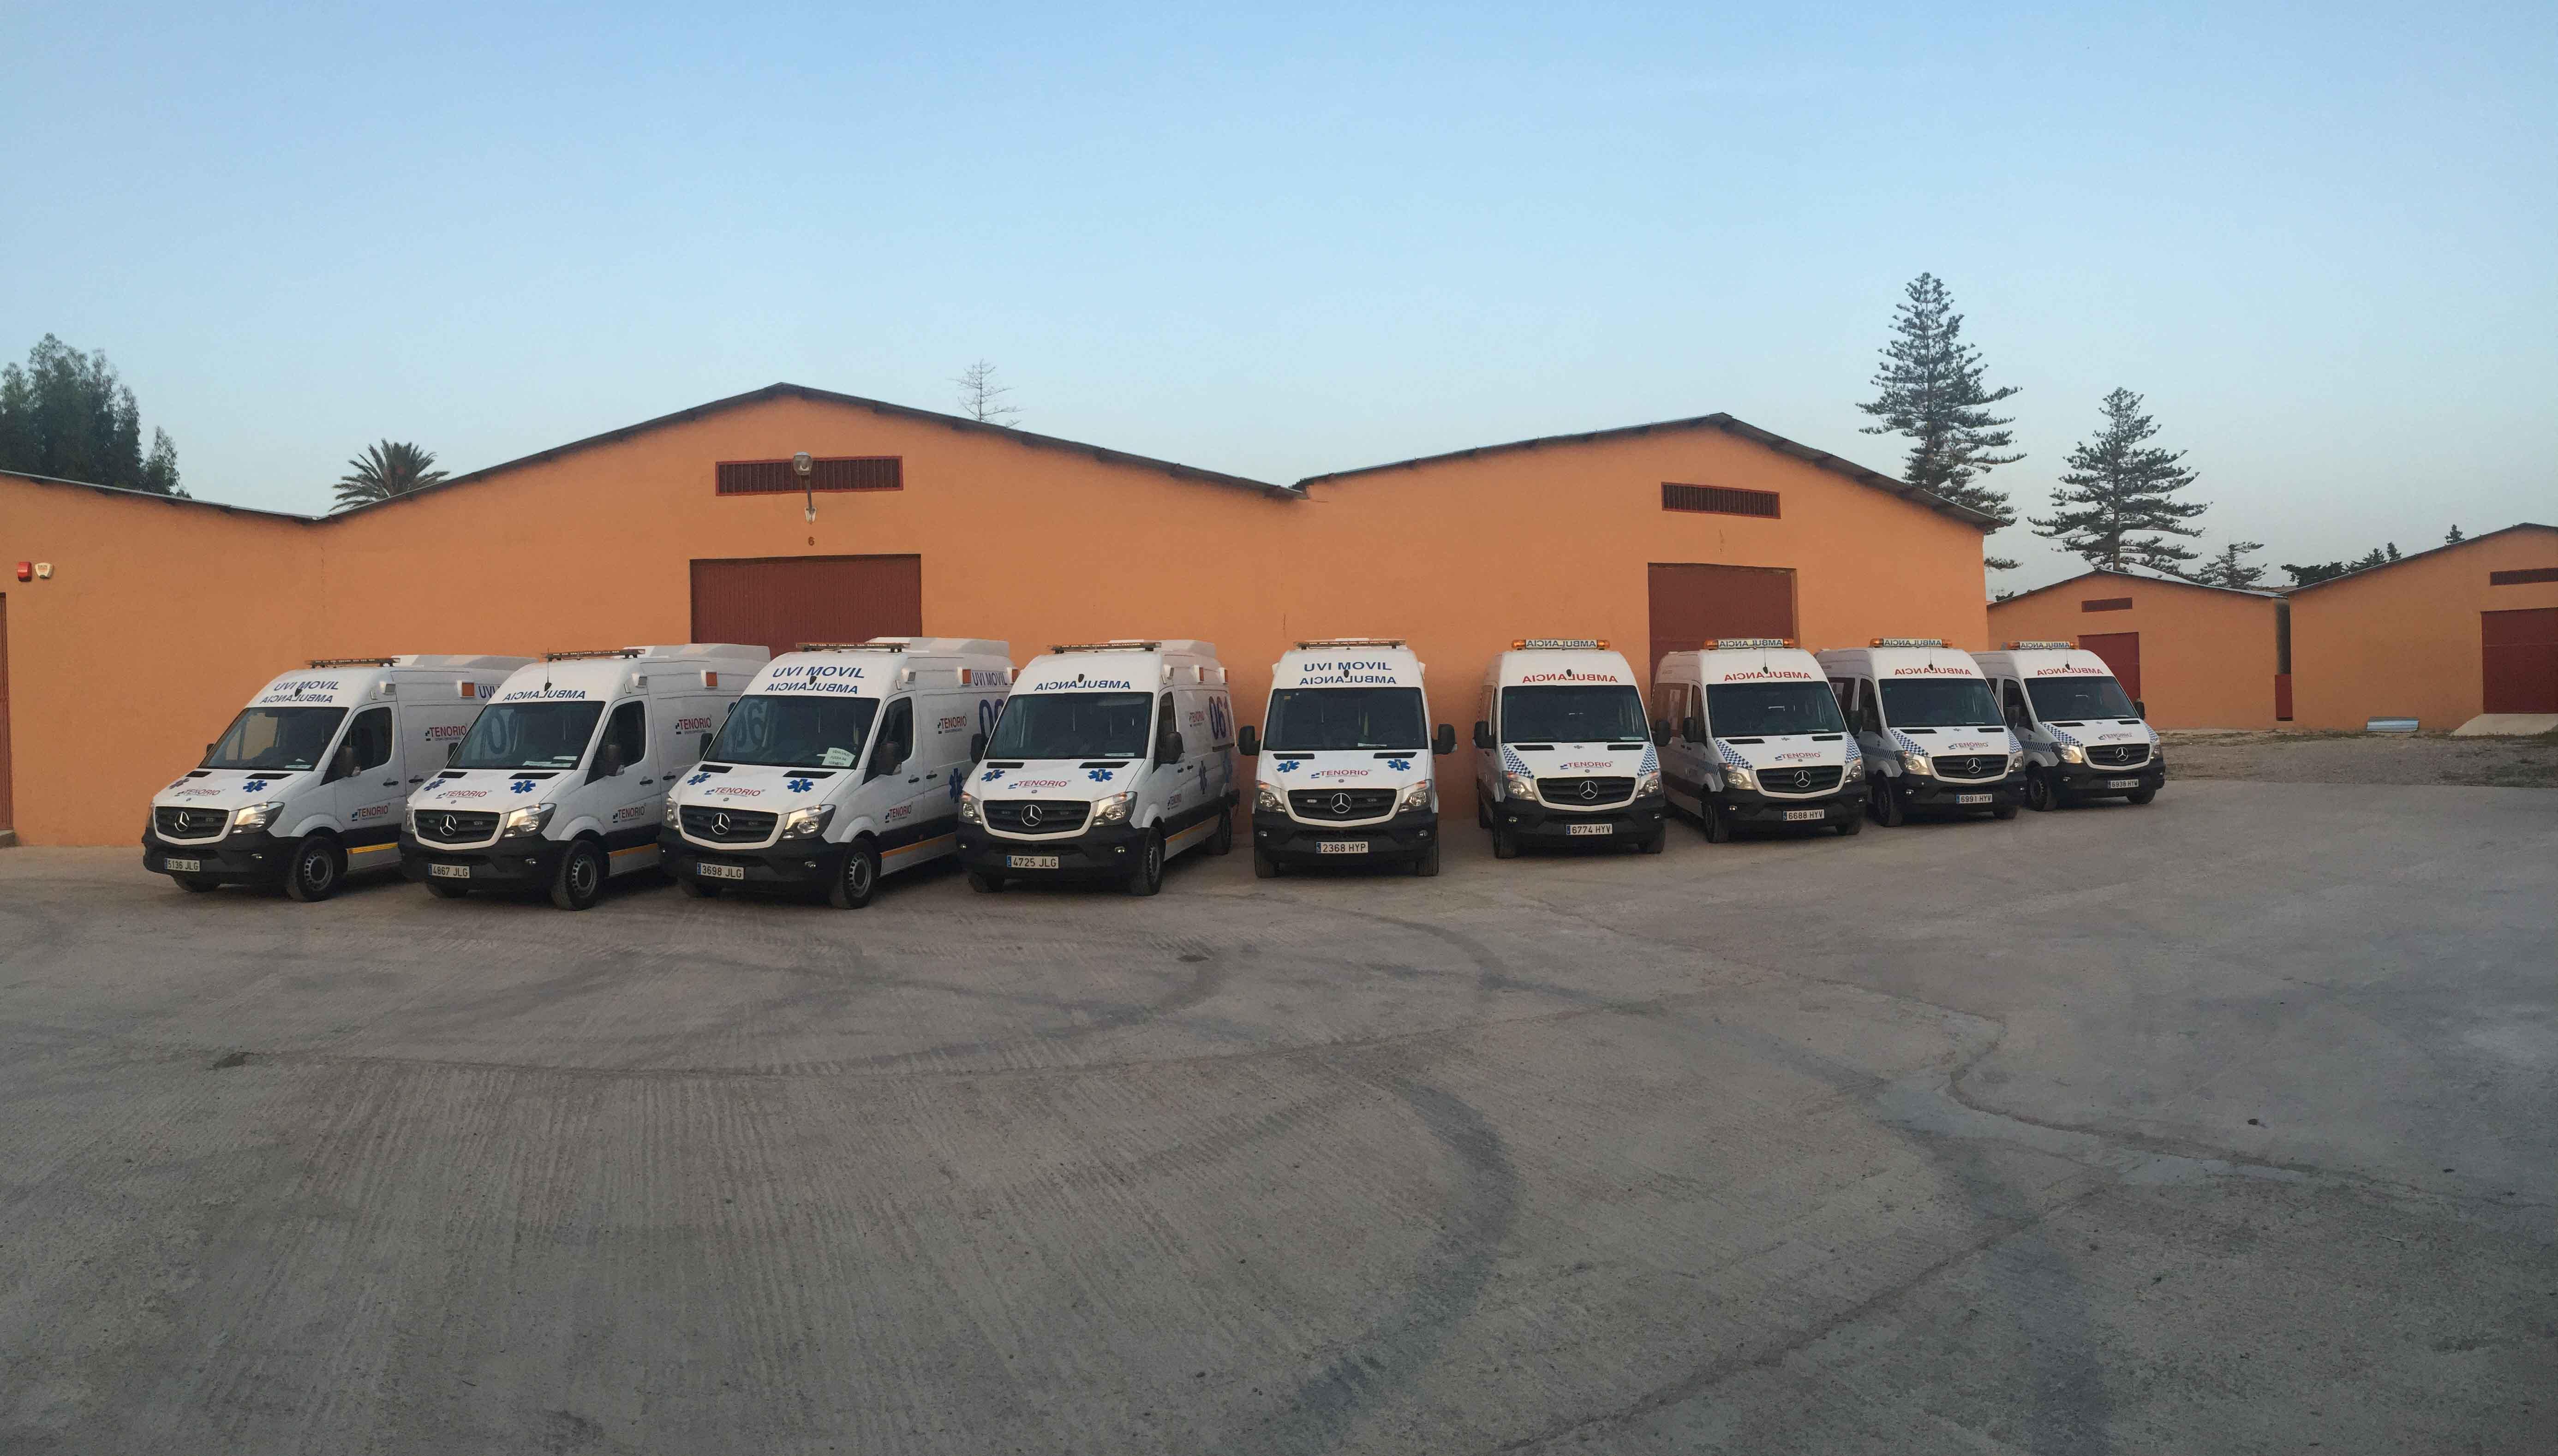 Ambulancias Tenorio e Hijos S.L. comienza a prestar los servicios de transporte en ambulancia para el INGESA en Melilla